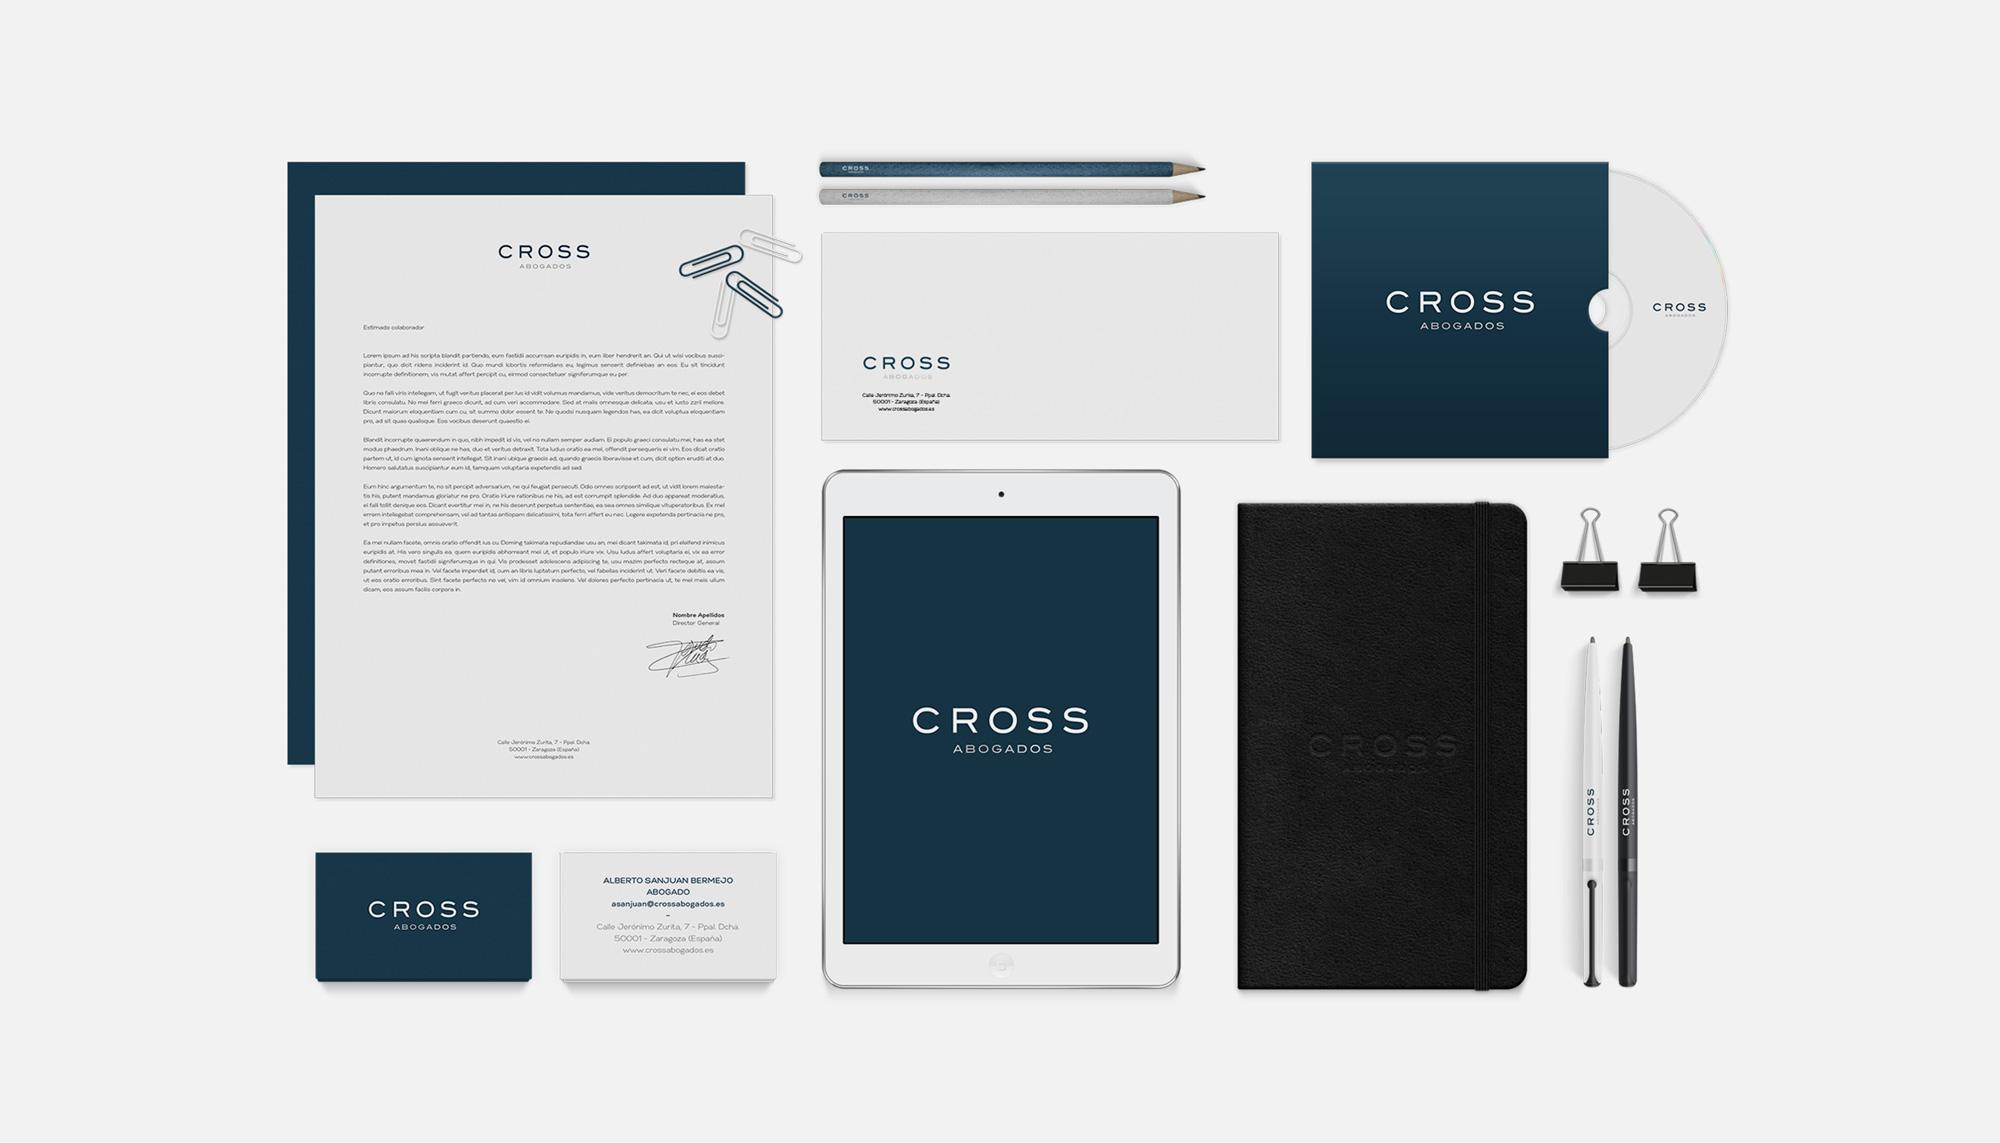 Imagen Corporativa Cross Abogados Asesores